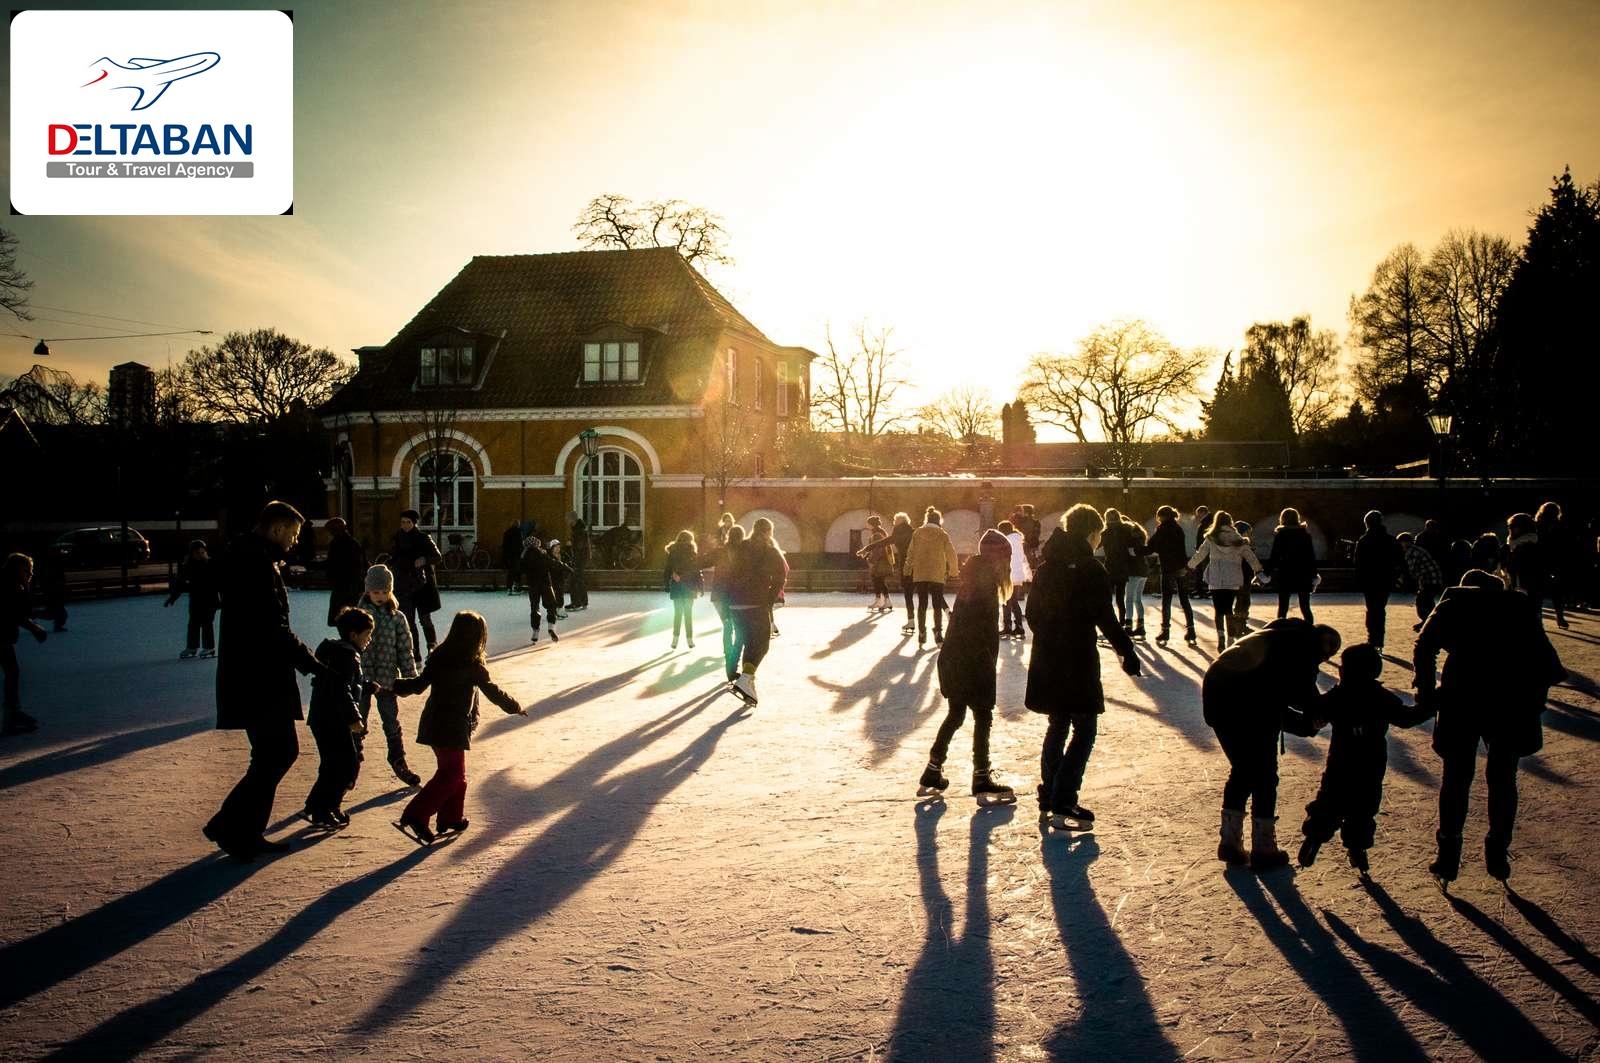 اسکیت روی یخ در پارک Frederiksberg Hava